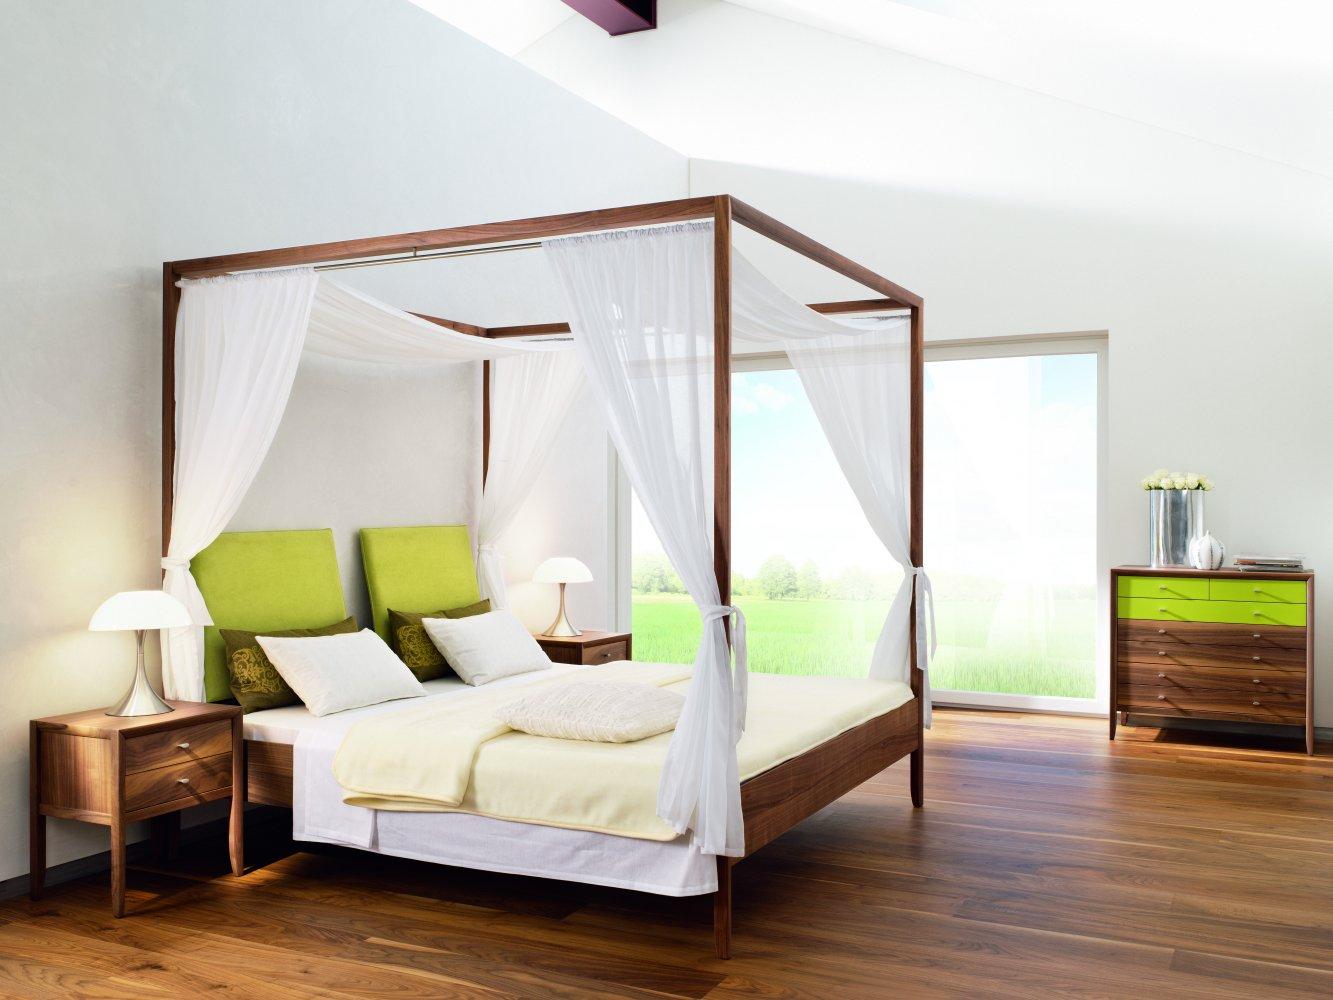 Romantisches Schlafzimmer Mit Himmelbett Gestalten Romantisches ...